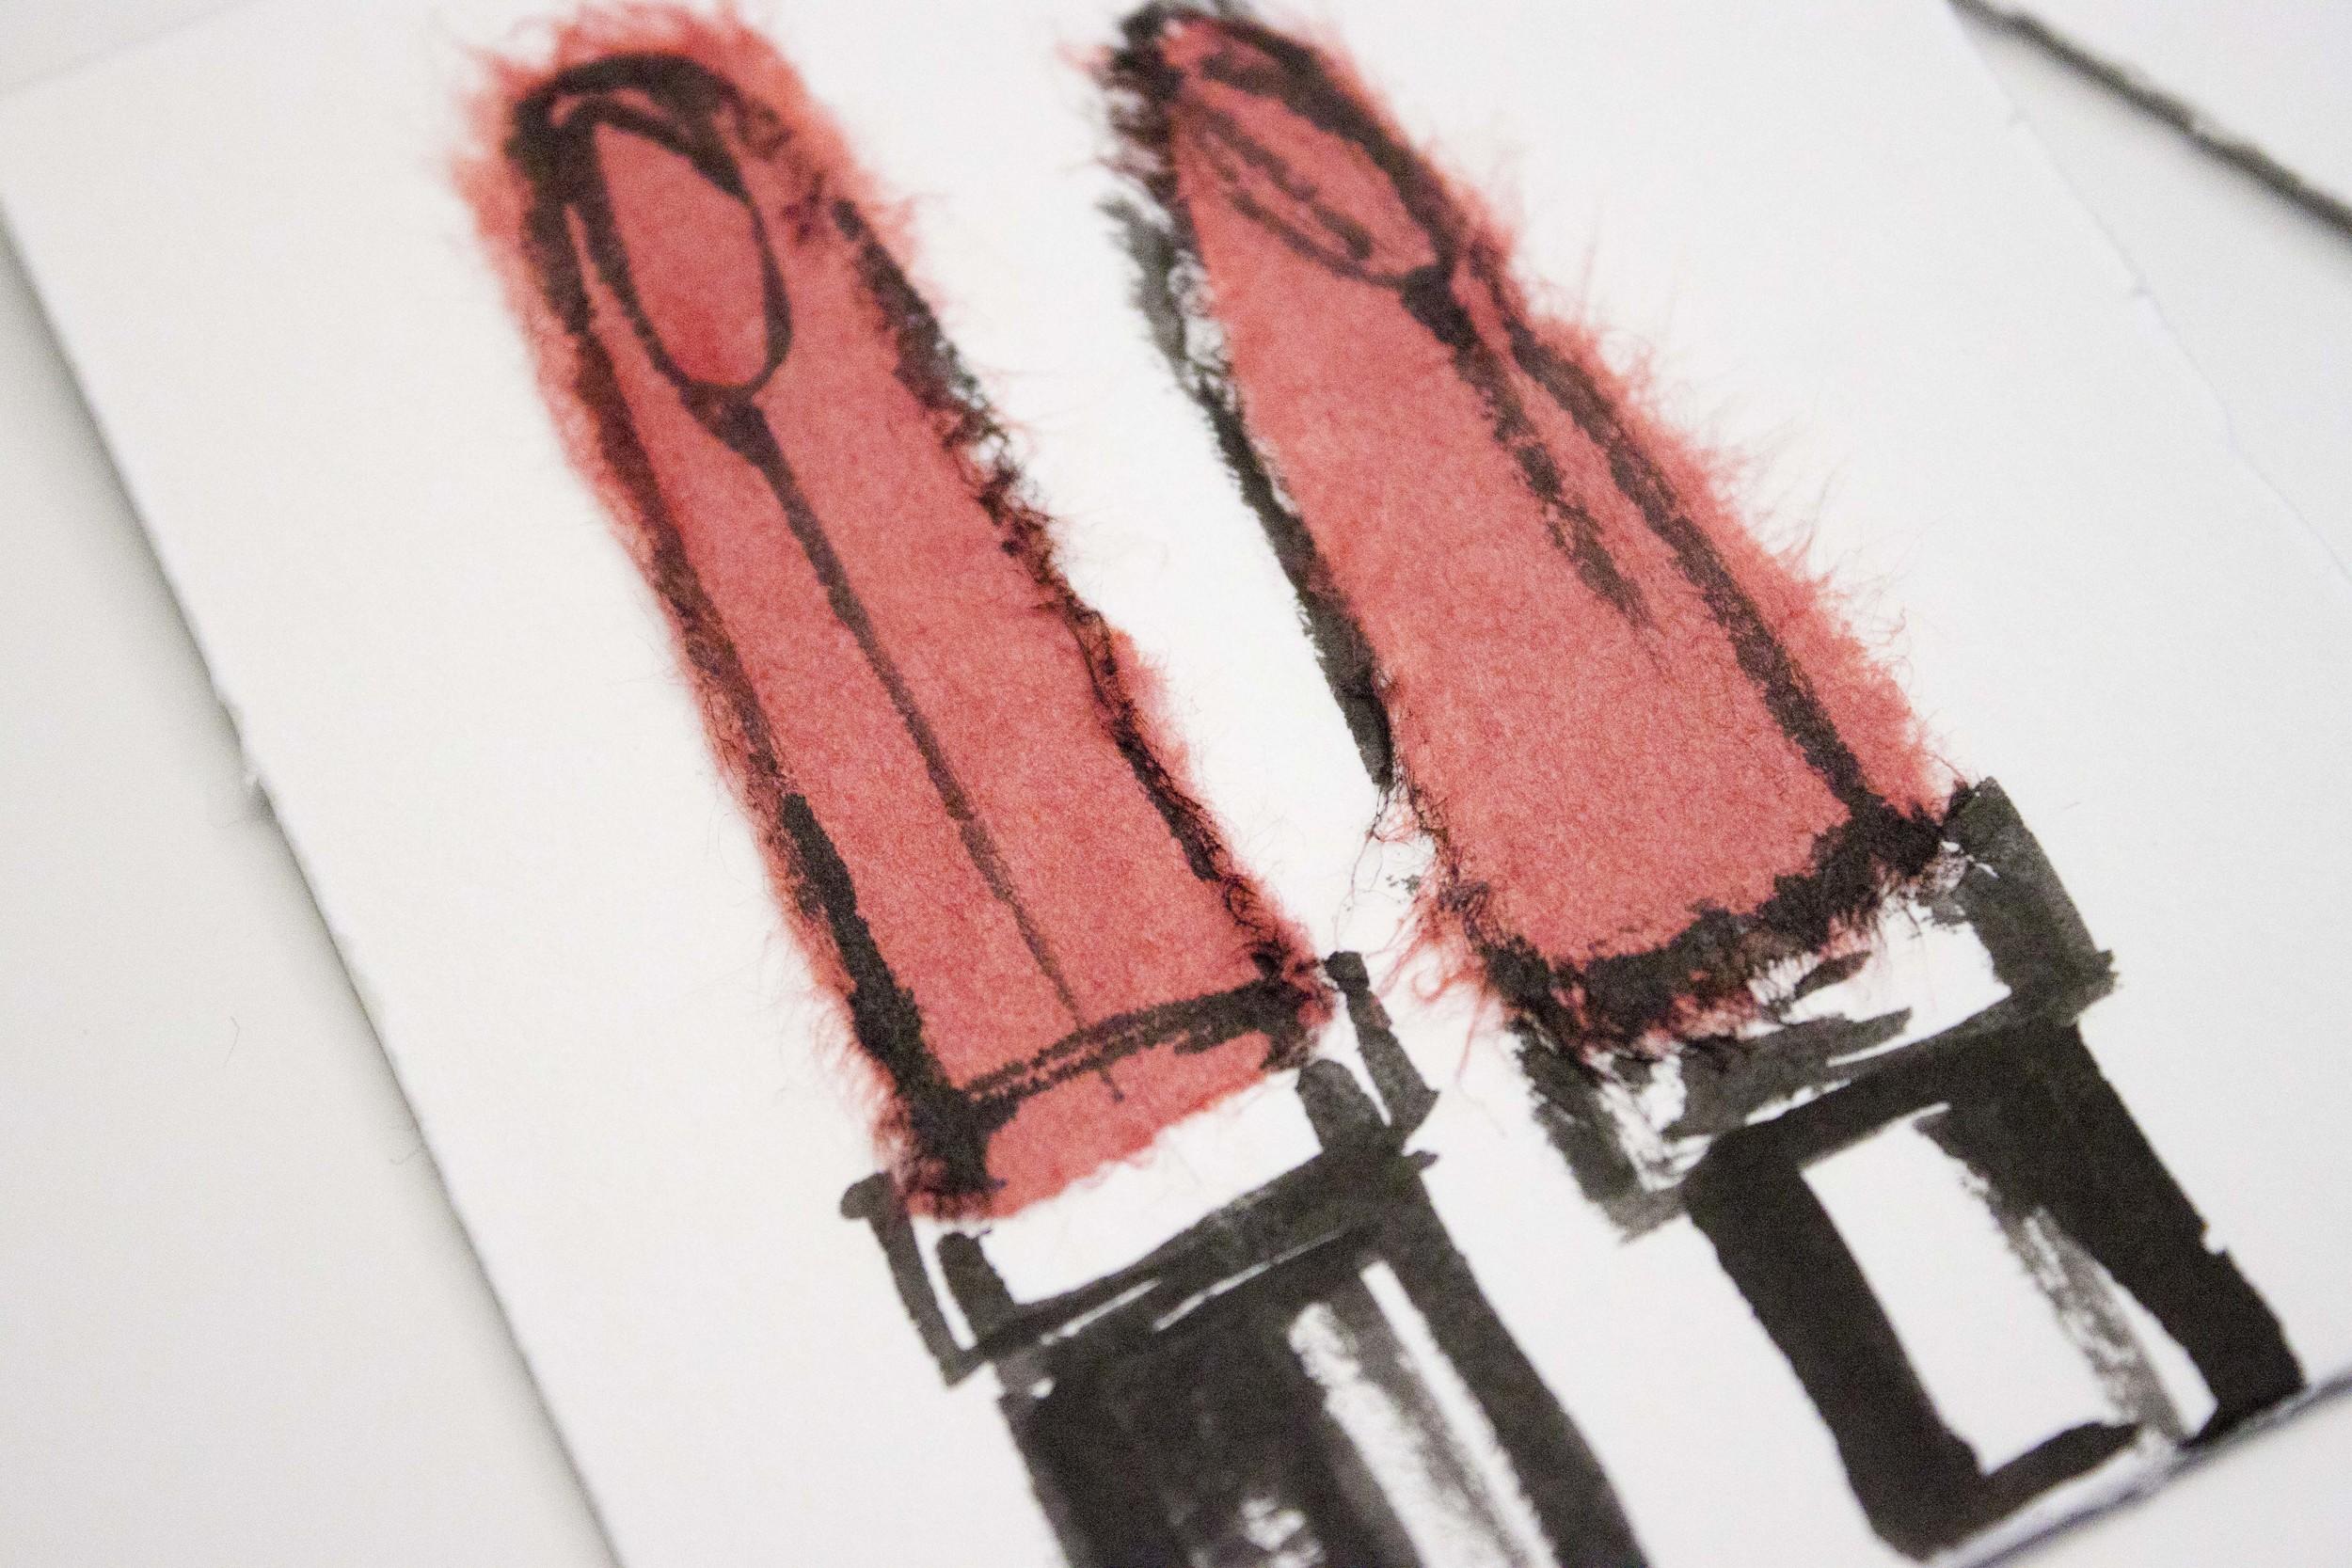 Lipstick Illustration by Victoria-Riza